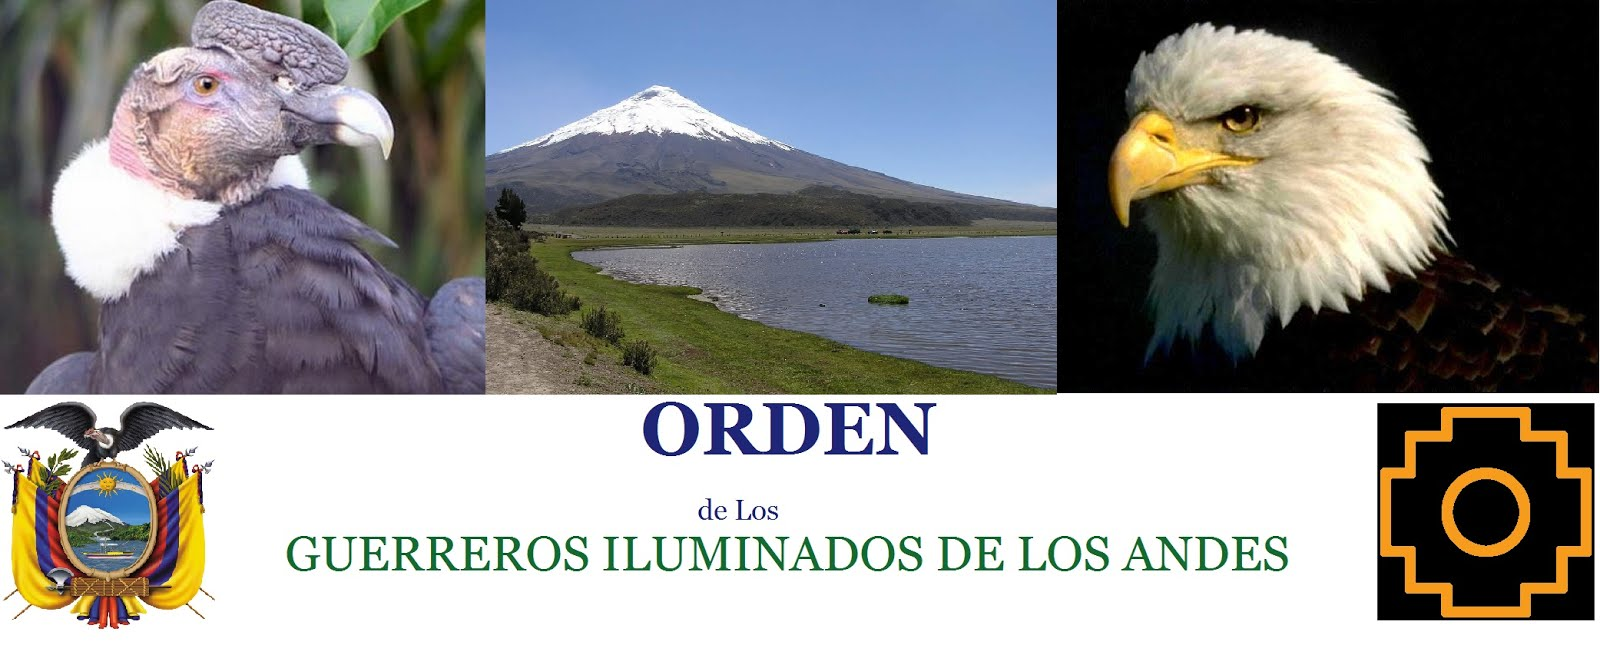 GUERRERAS Y GUERREROS DE LOS ANDES: QUILAGOS & CACIQUES